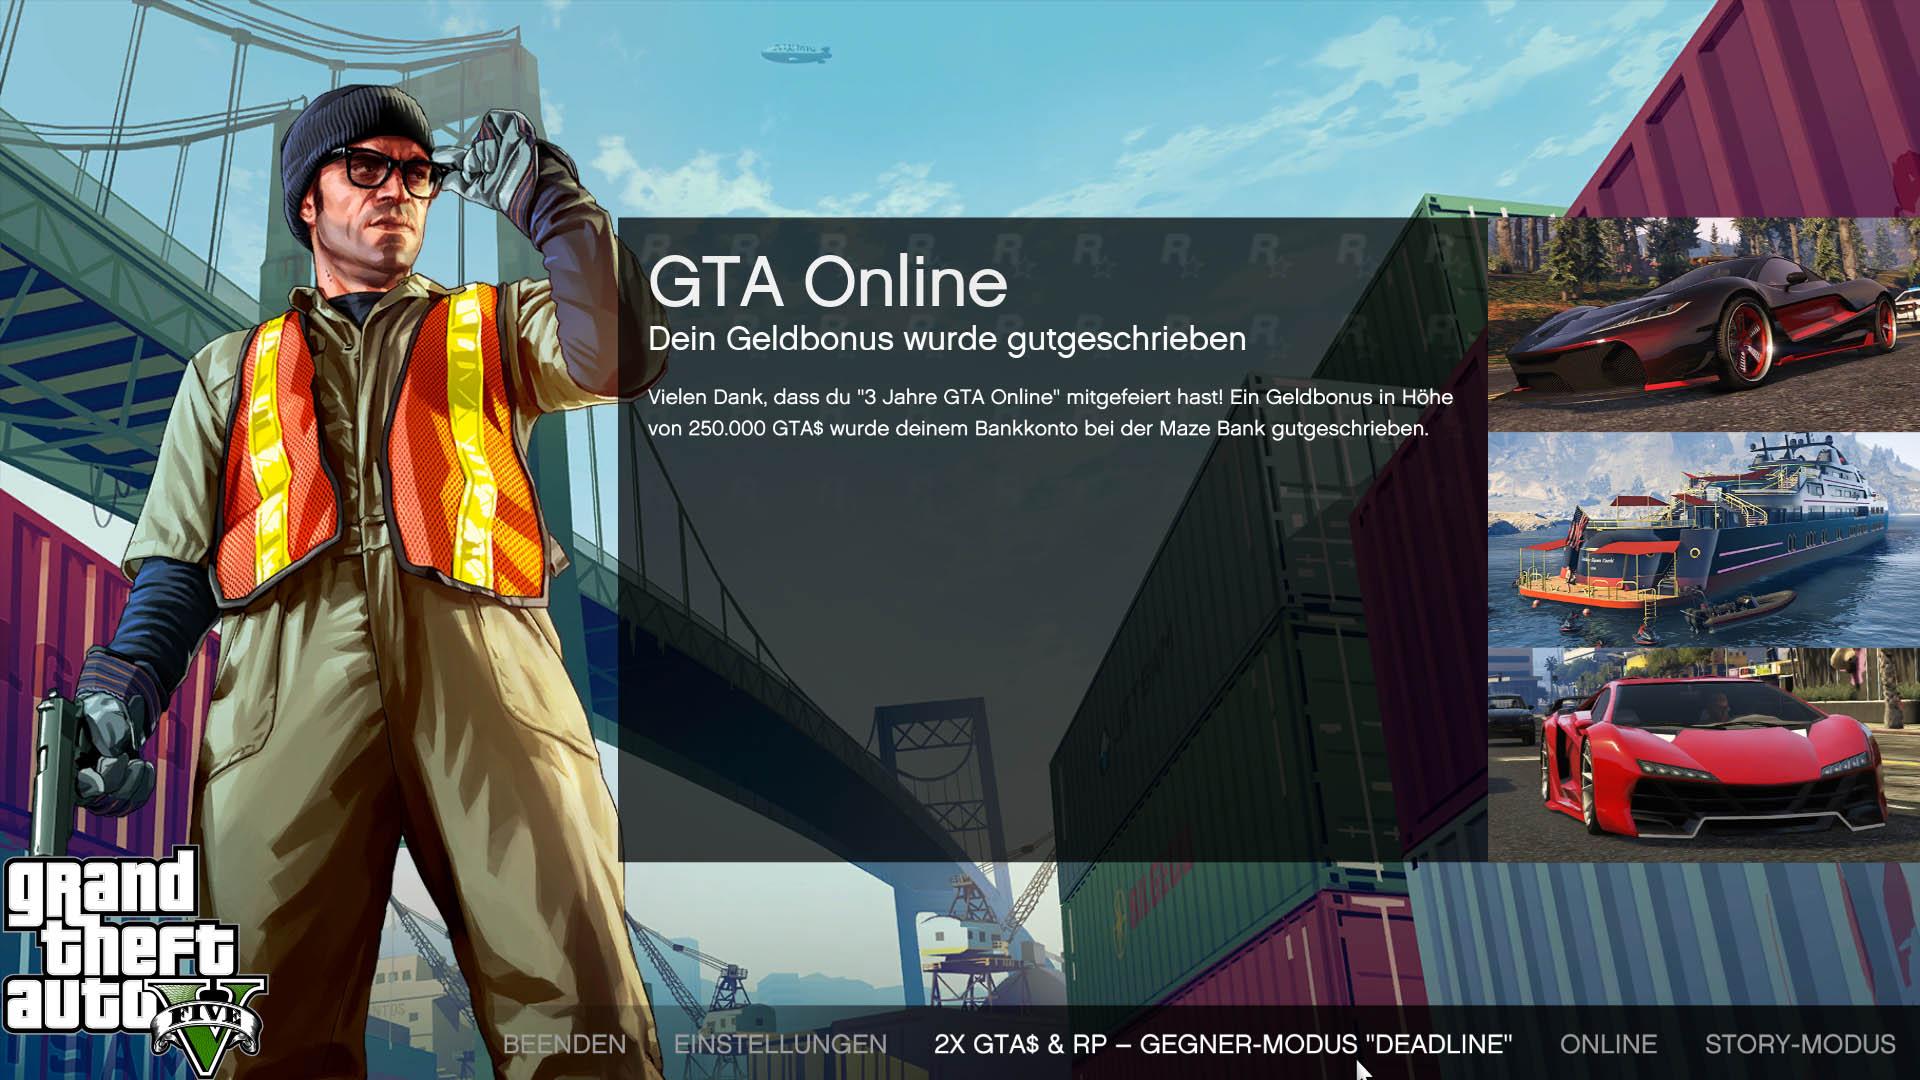 Wie Kann Man Gta 5 Online Spielen Pc